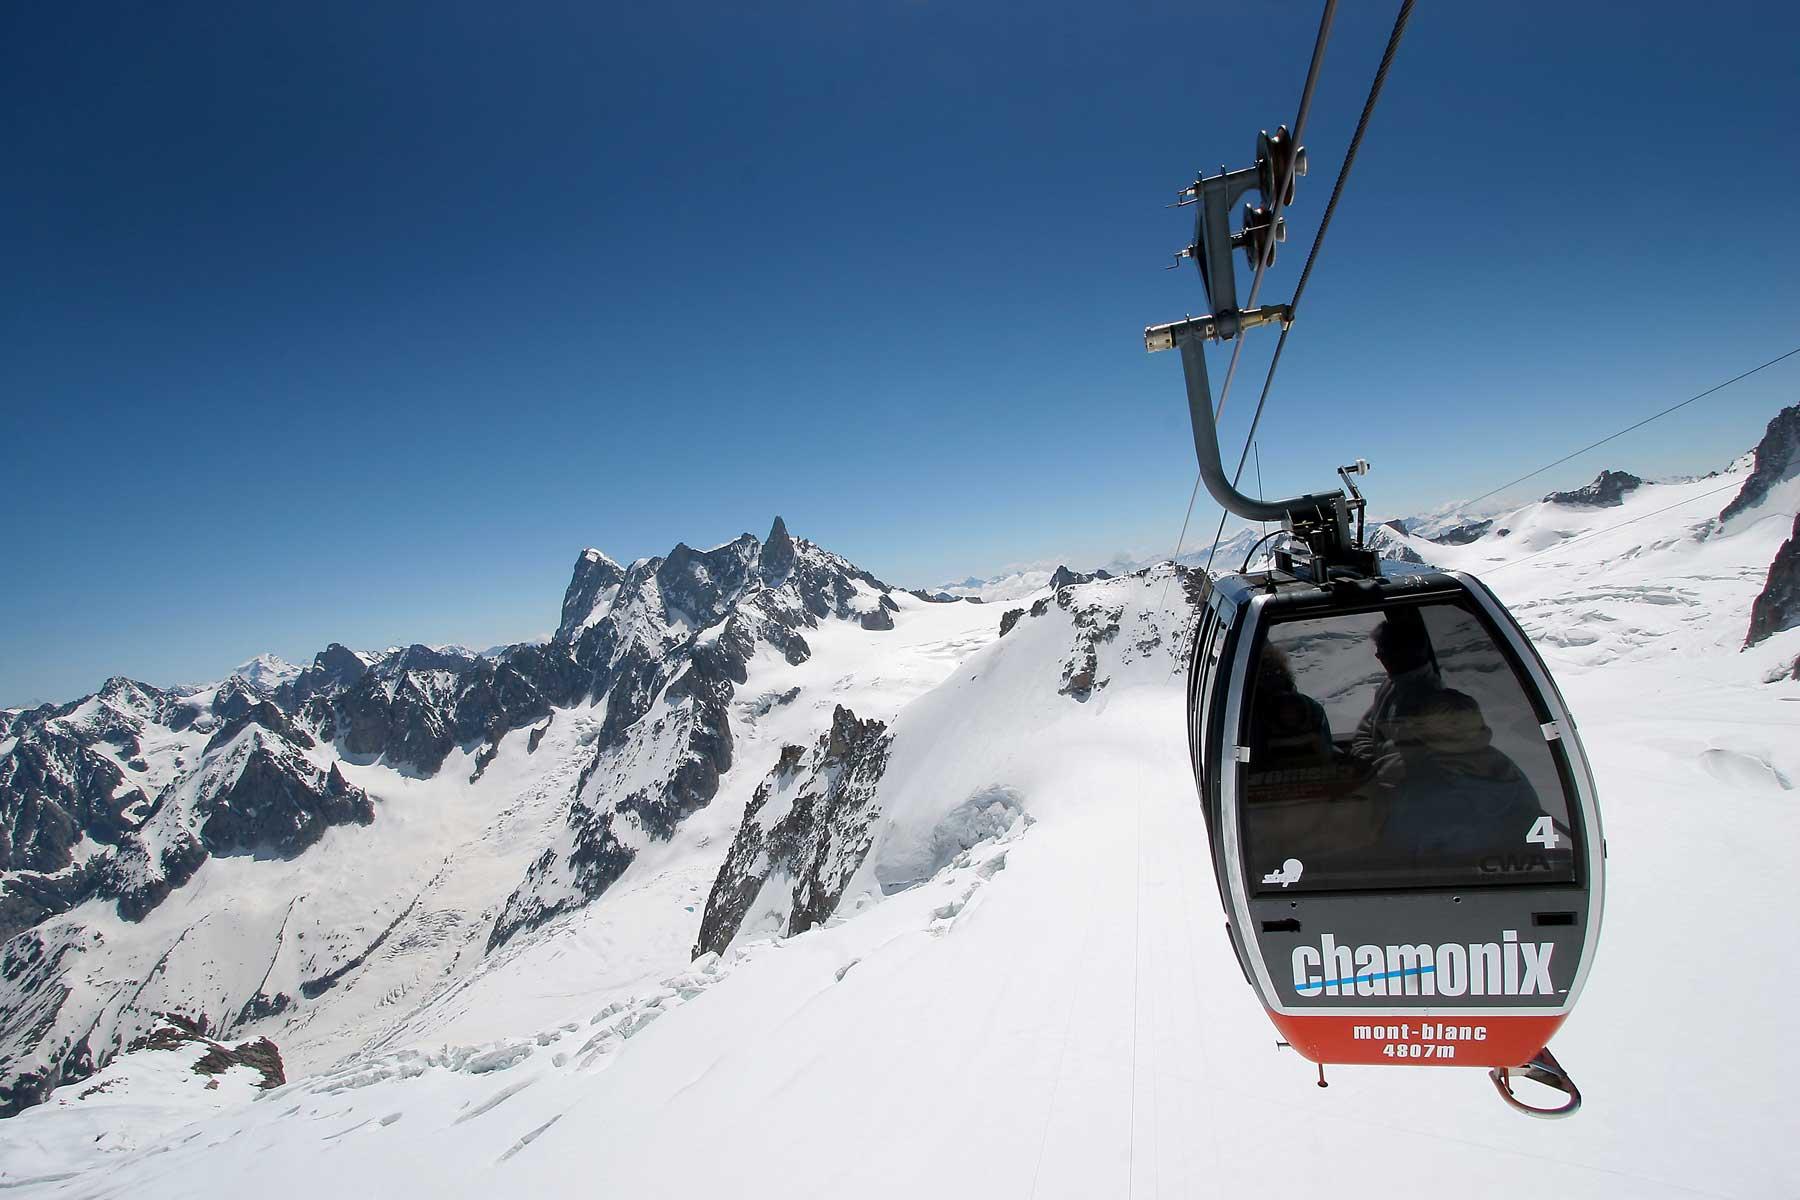 Télécabine Chamonix Mont-Blanc